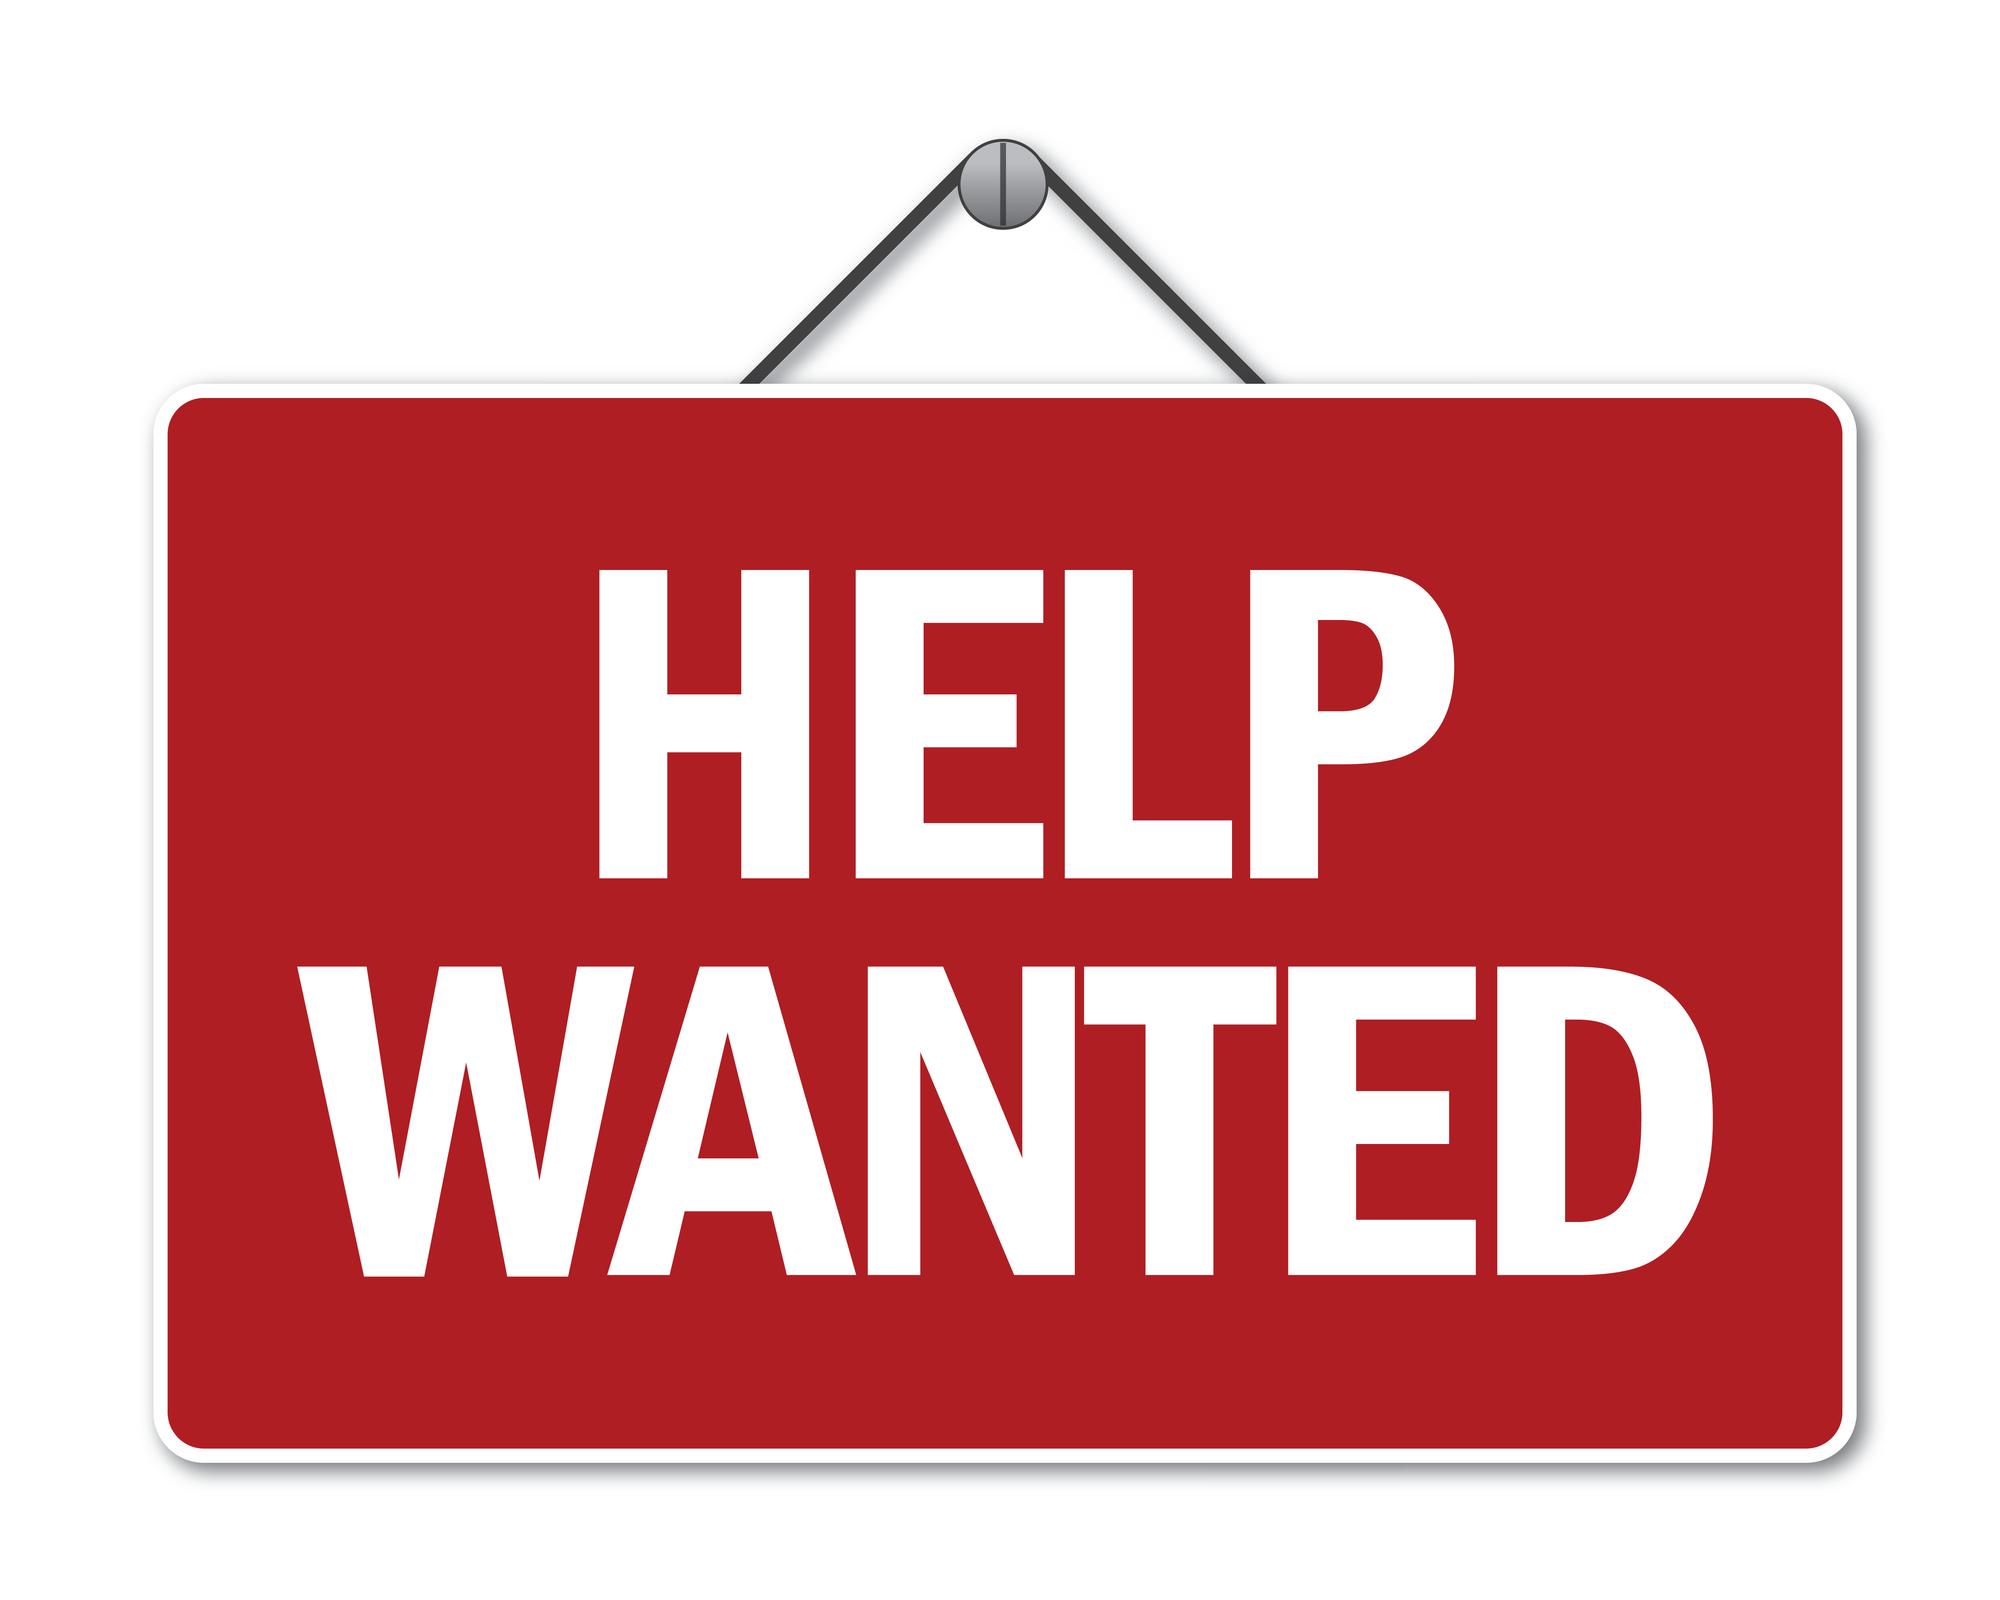 Hiring Sales People - Help Wanted